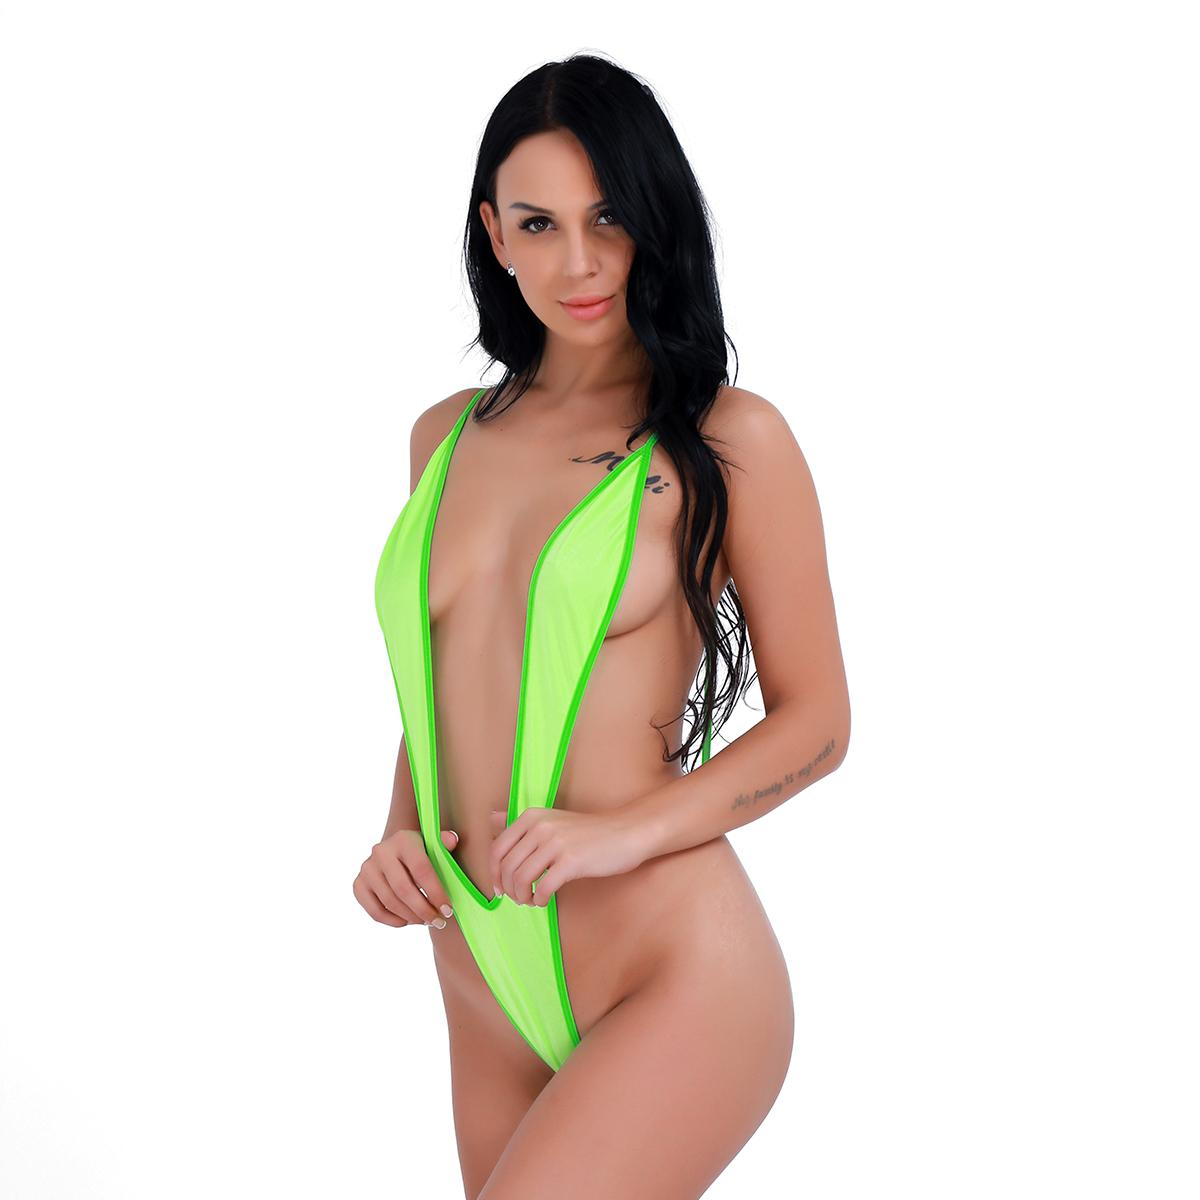 Seksi Tek Parça Mayo Derin V şekilli Monokini Kızlar Plaj Kıyafeti Mayo Kadınlar Tanga G string Bikini Bodysuit Mayo